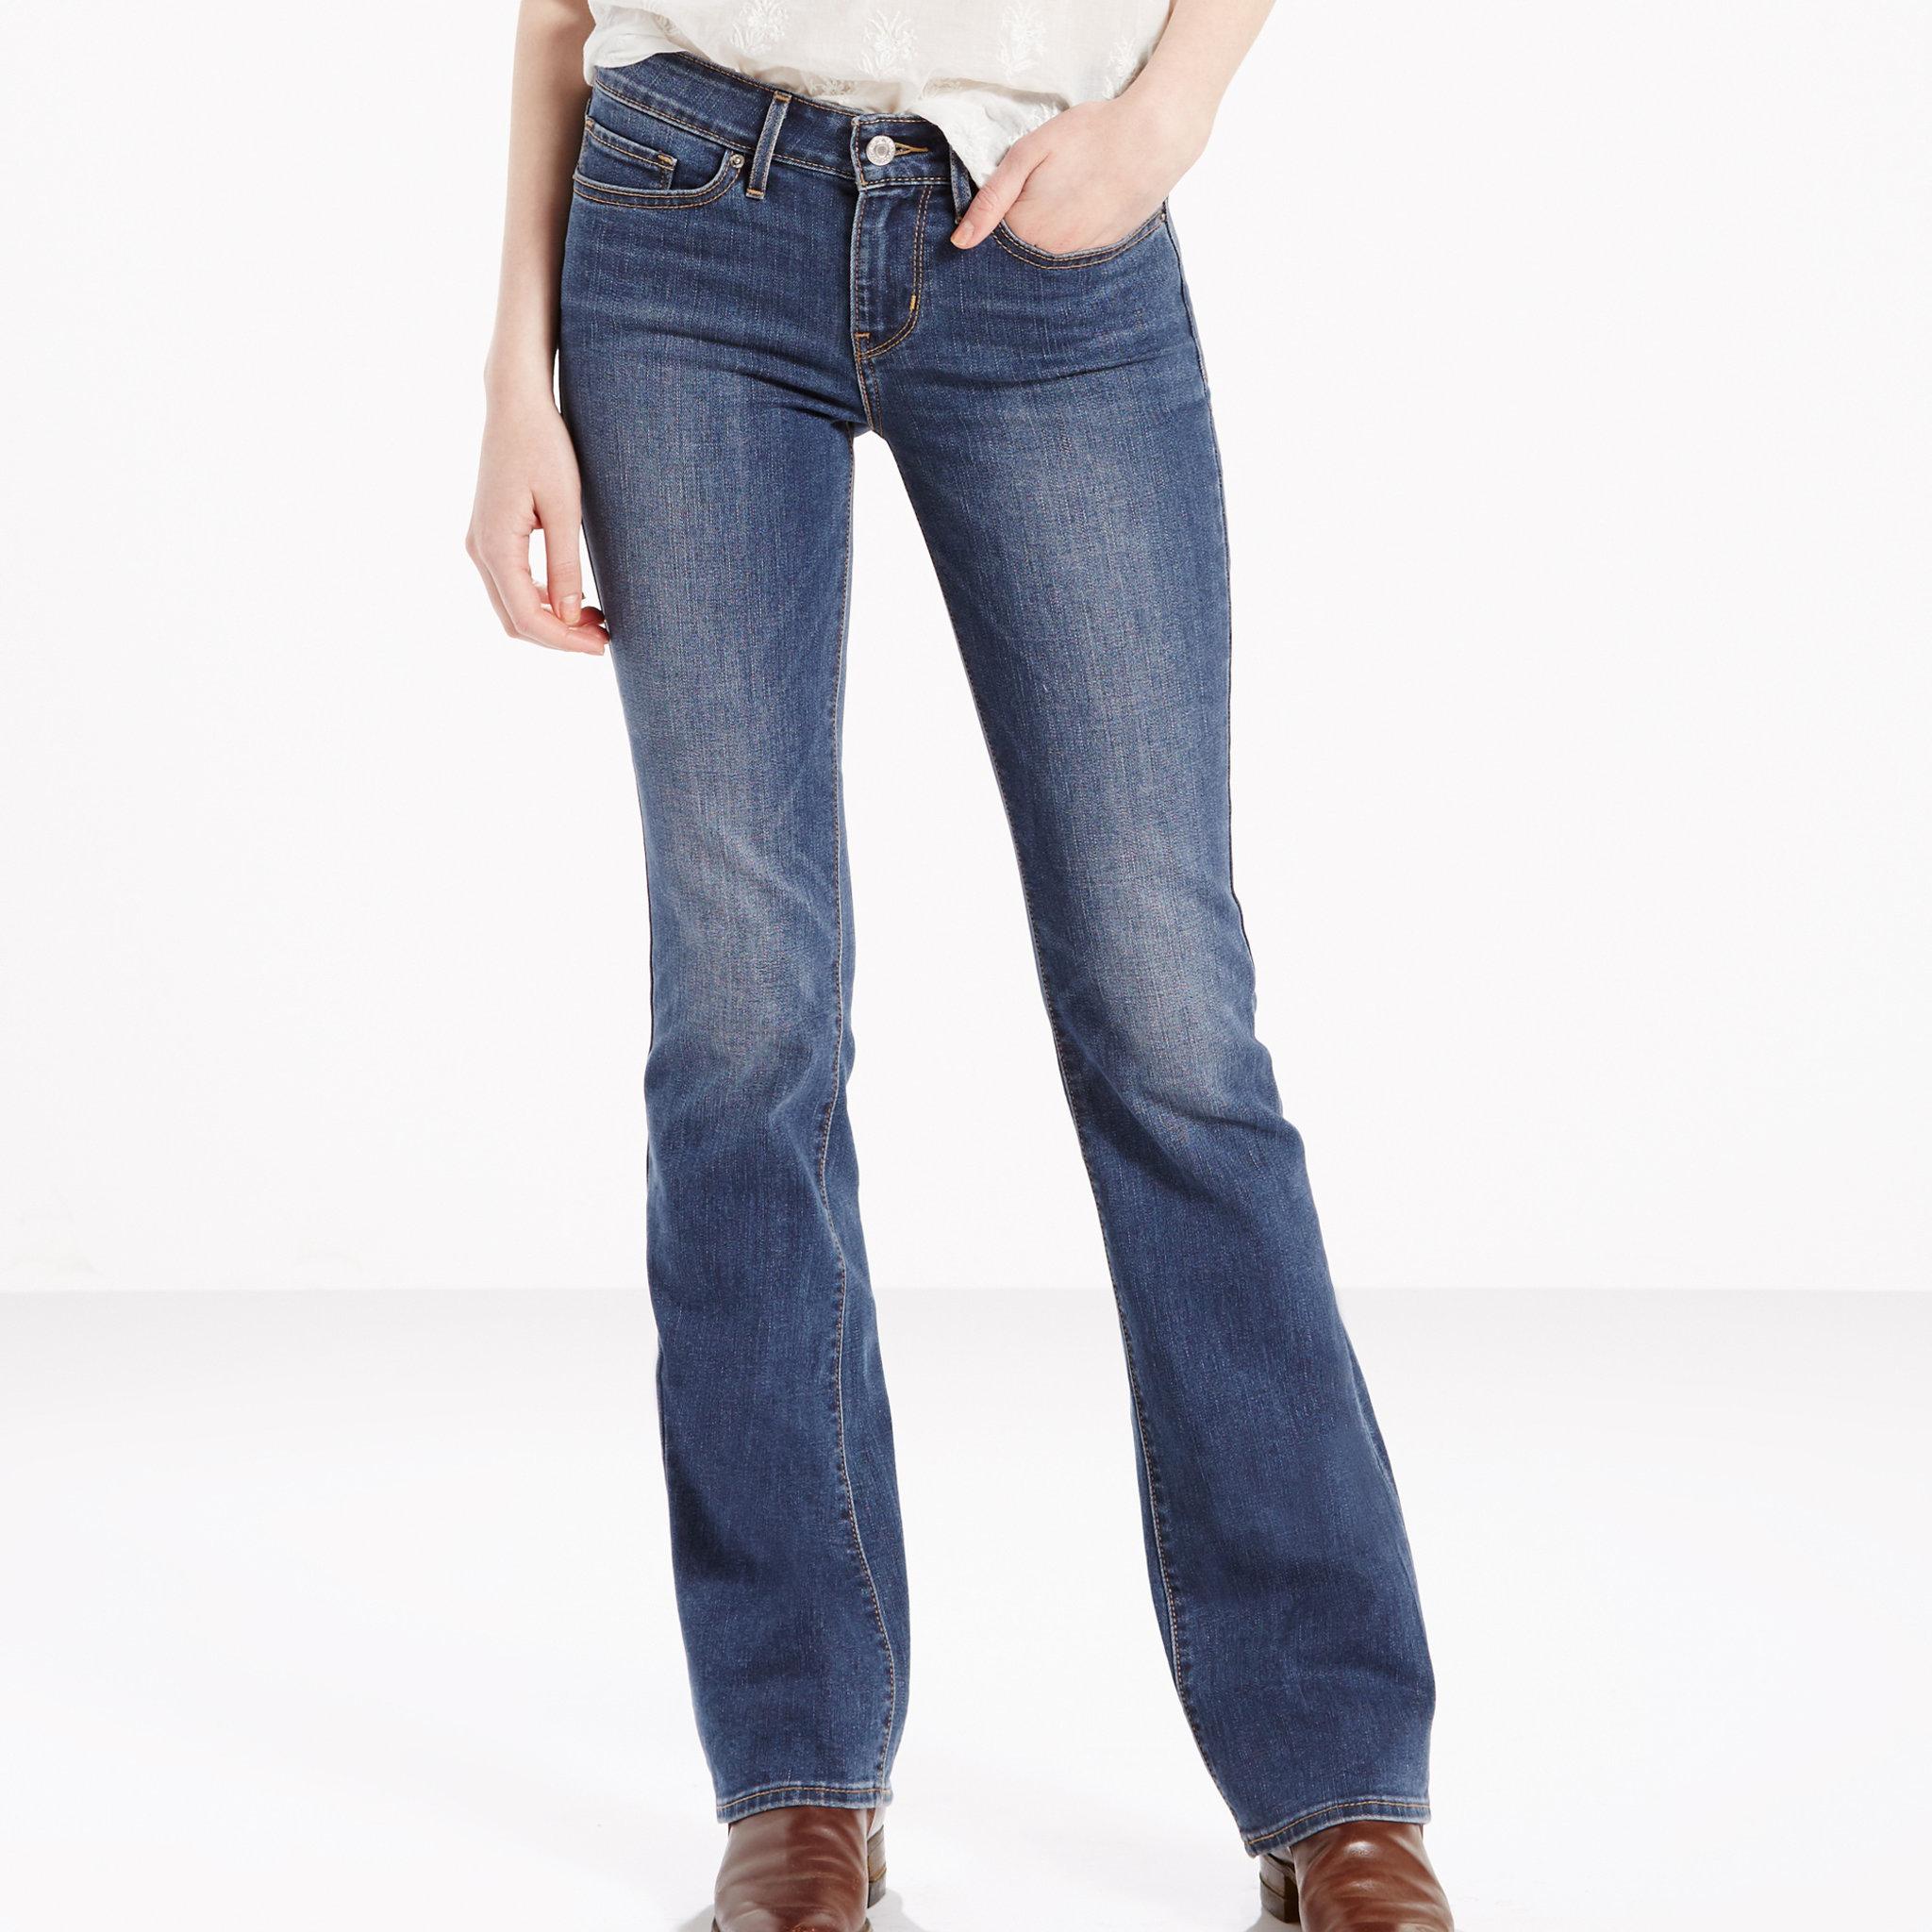 715 Bootcut - Jeans - Köp online på åhlens.se! 1a530199a90d0